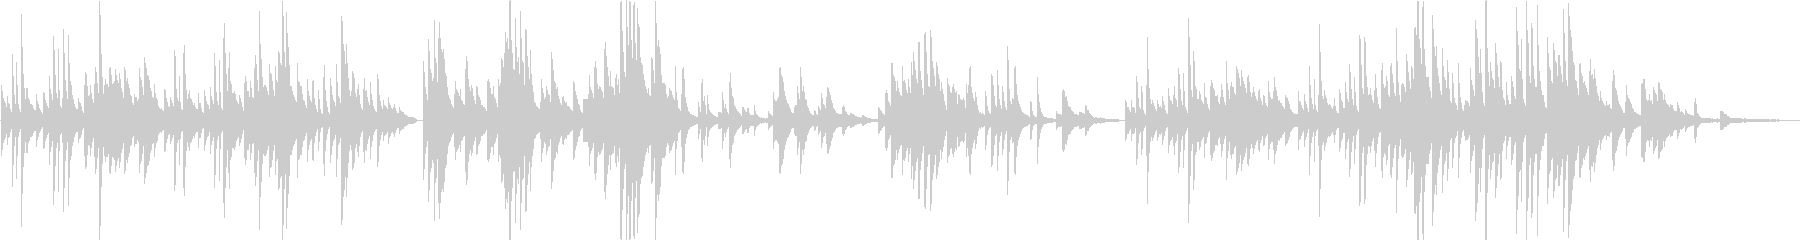 優しいピアノソロの未再生の波形